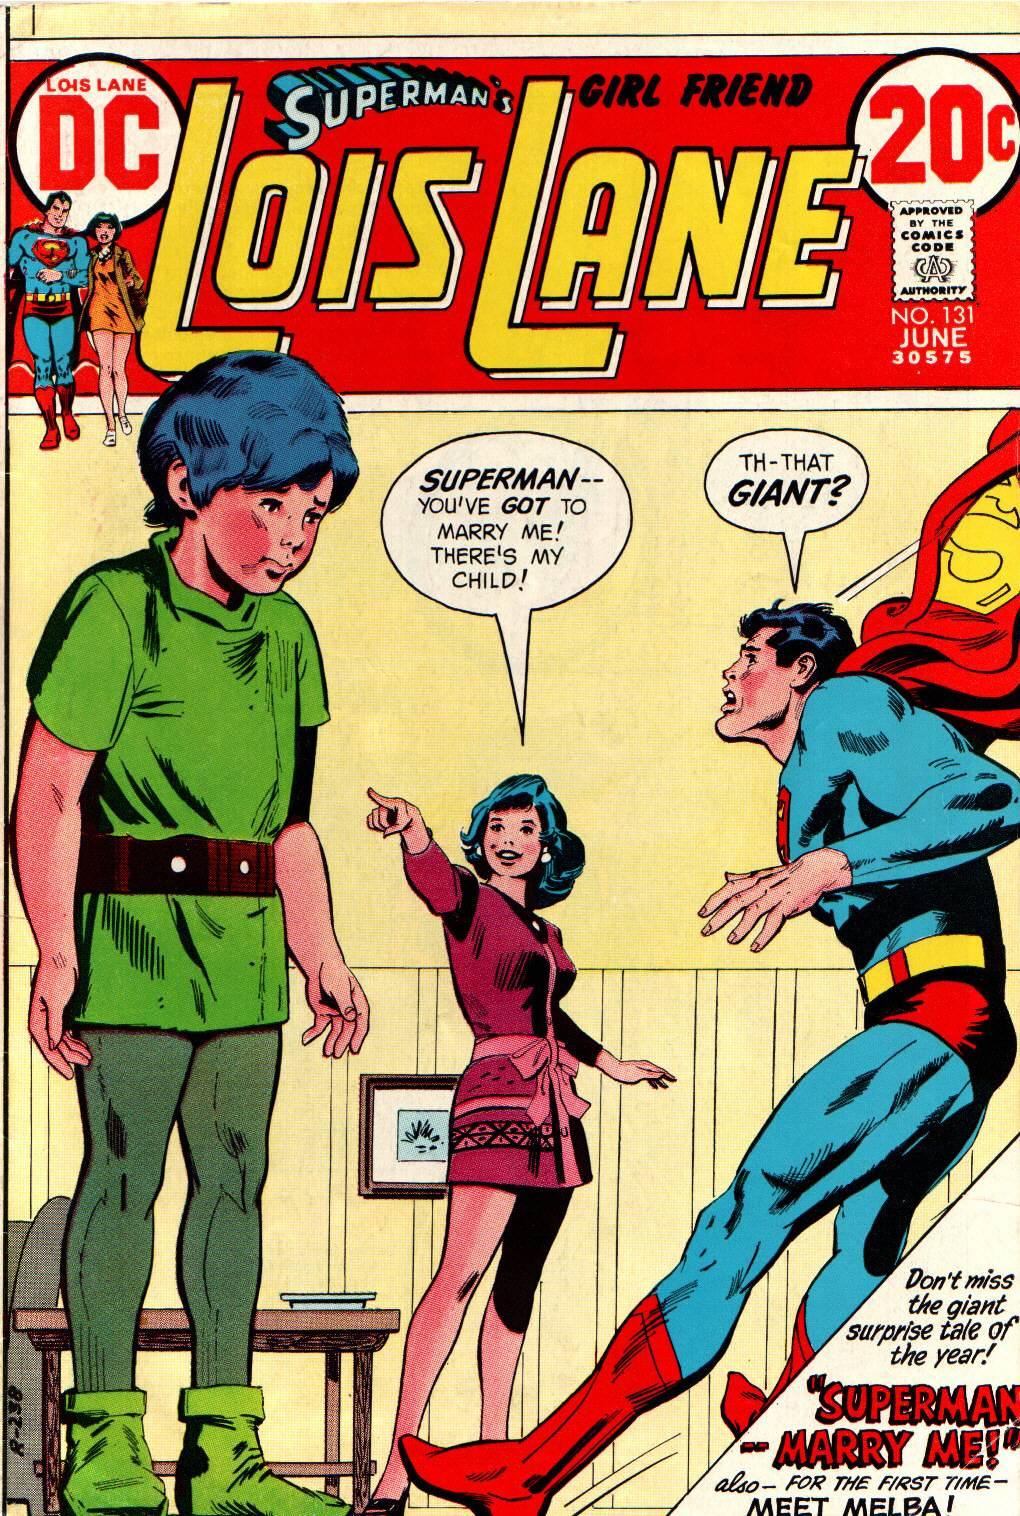 Supermans Girl Friend, Lois Lane 131 Page 1